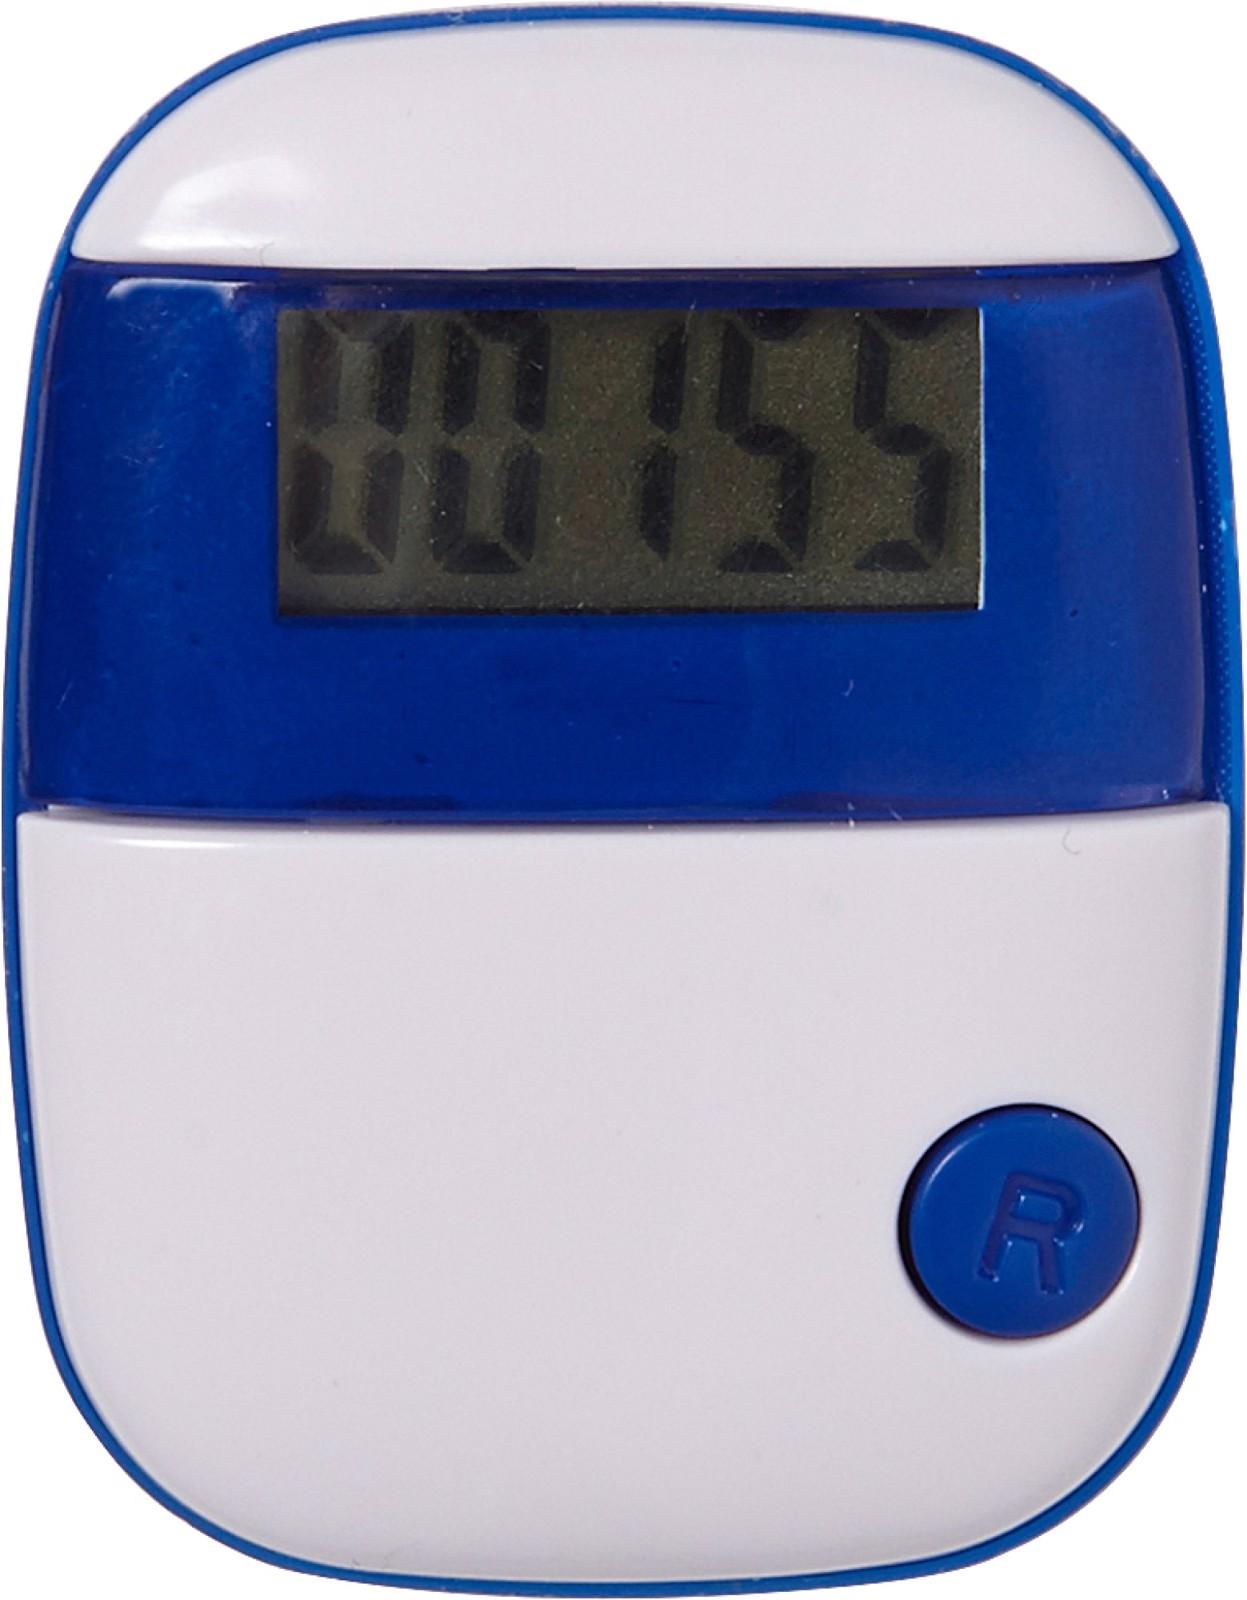 ABS pedometer - Cobalt Blue